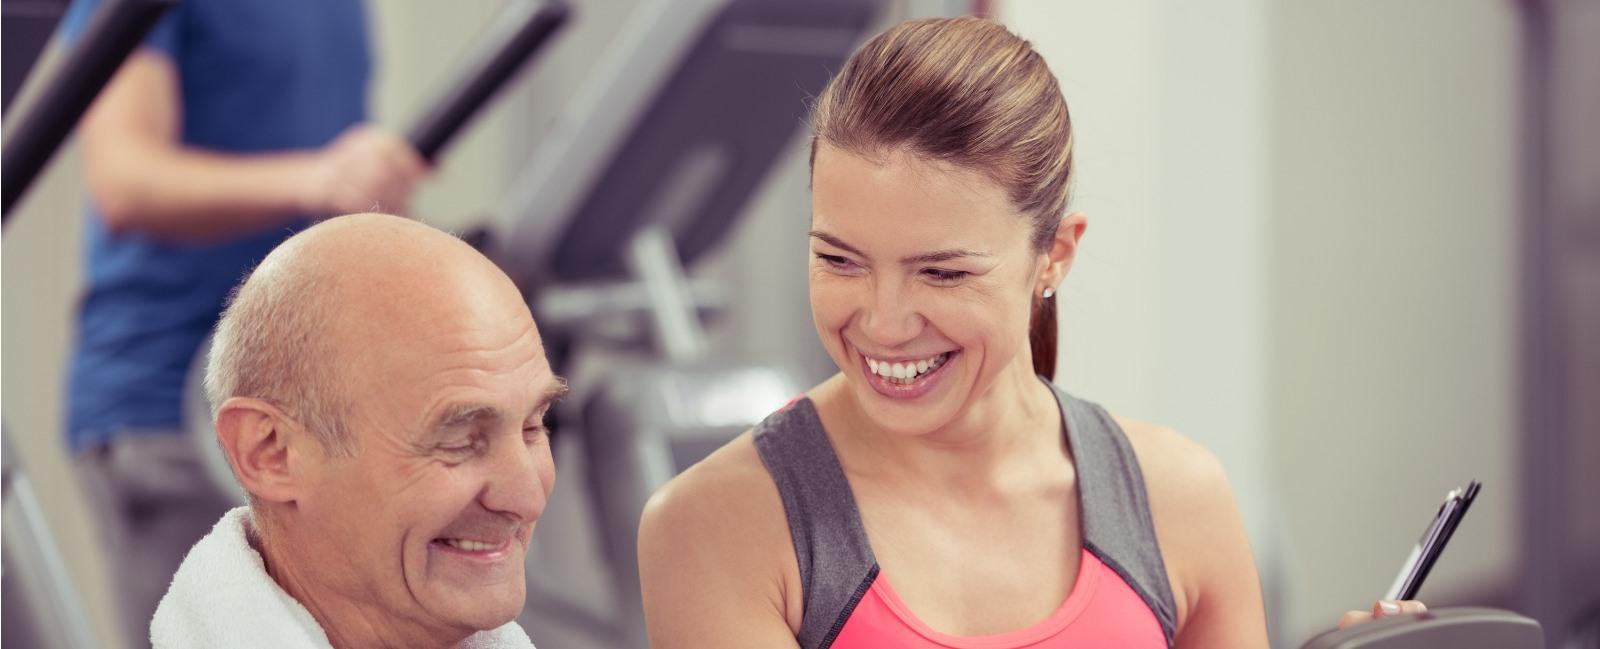 50 Plus Fitness bij Fitness de Bataaf - Sportschool Den Haag